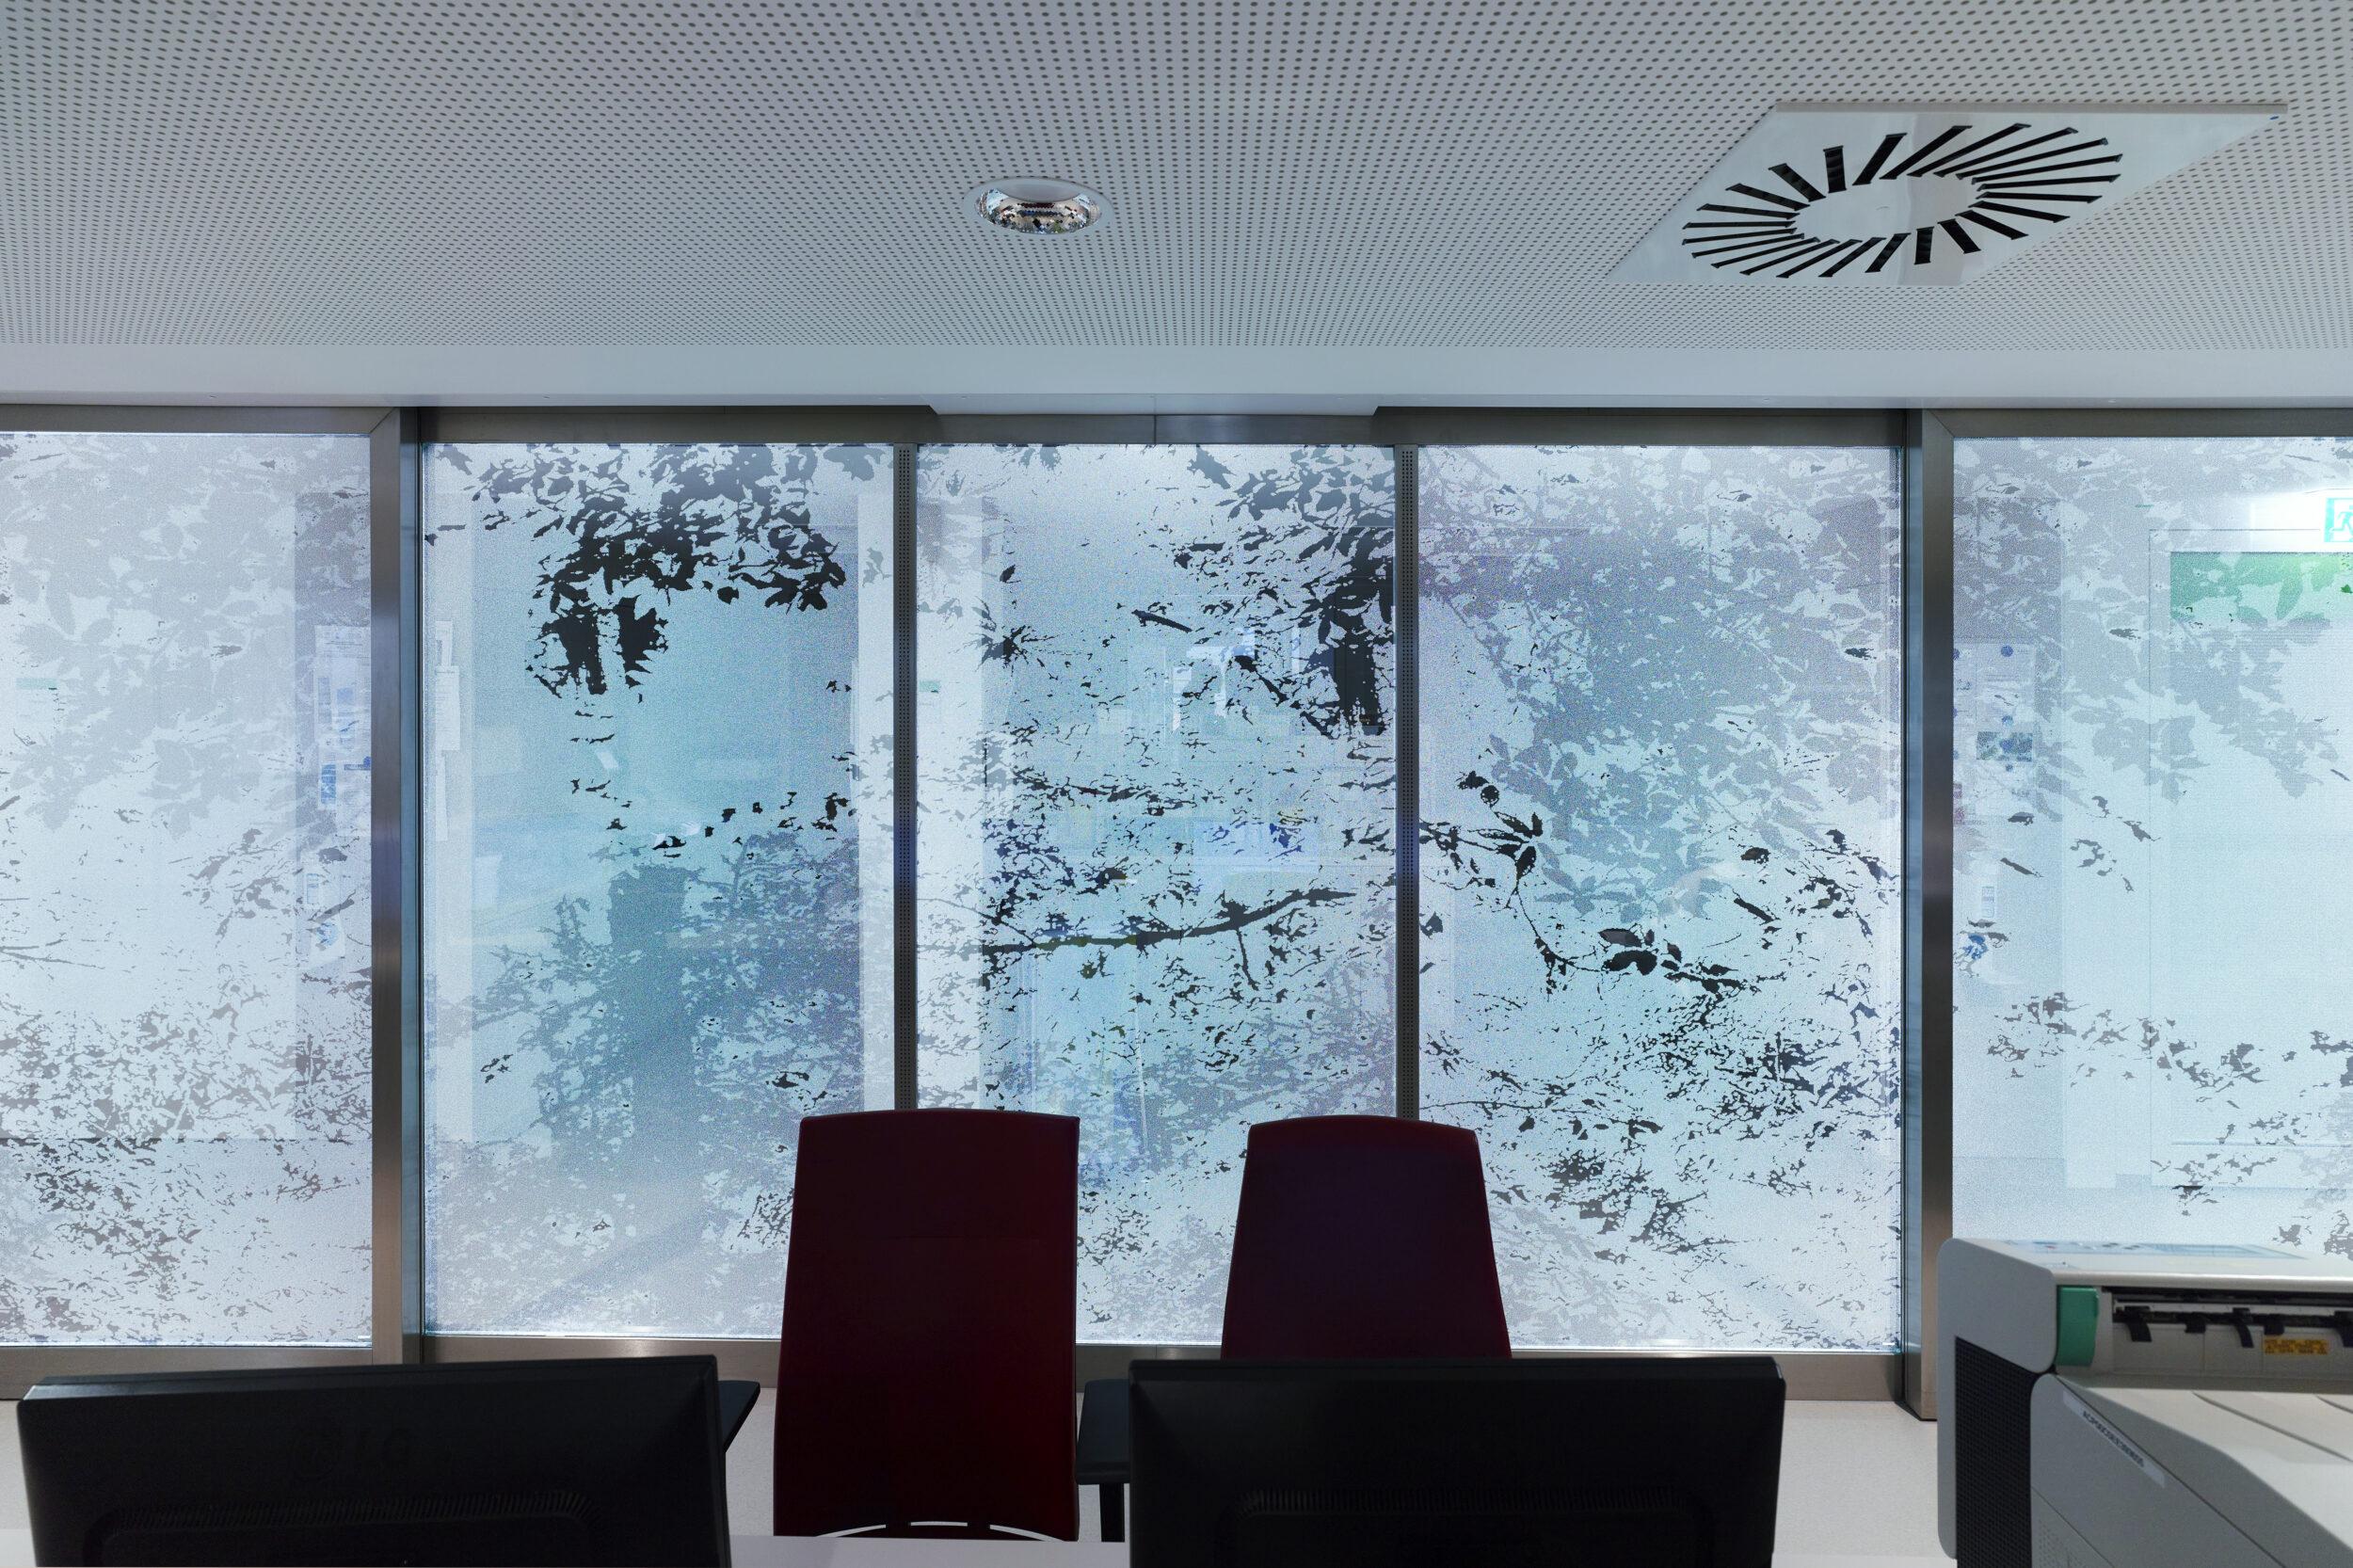 Inge Vavra, Kunst am Bau, LKH Wolfsberg, Licht- und Farbgestaltung des intensivmedizinischen Bereichs, Austria / Kärnten / Wolfsberg, 2016, Foto: Johannes Puch